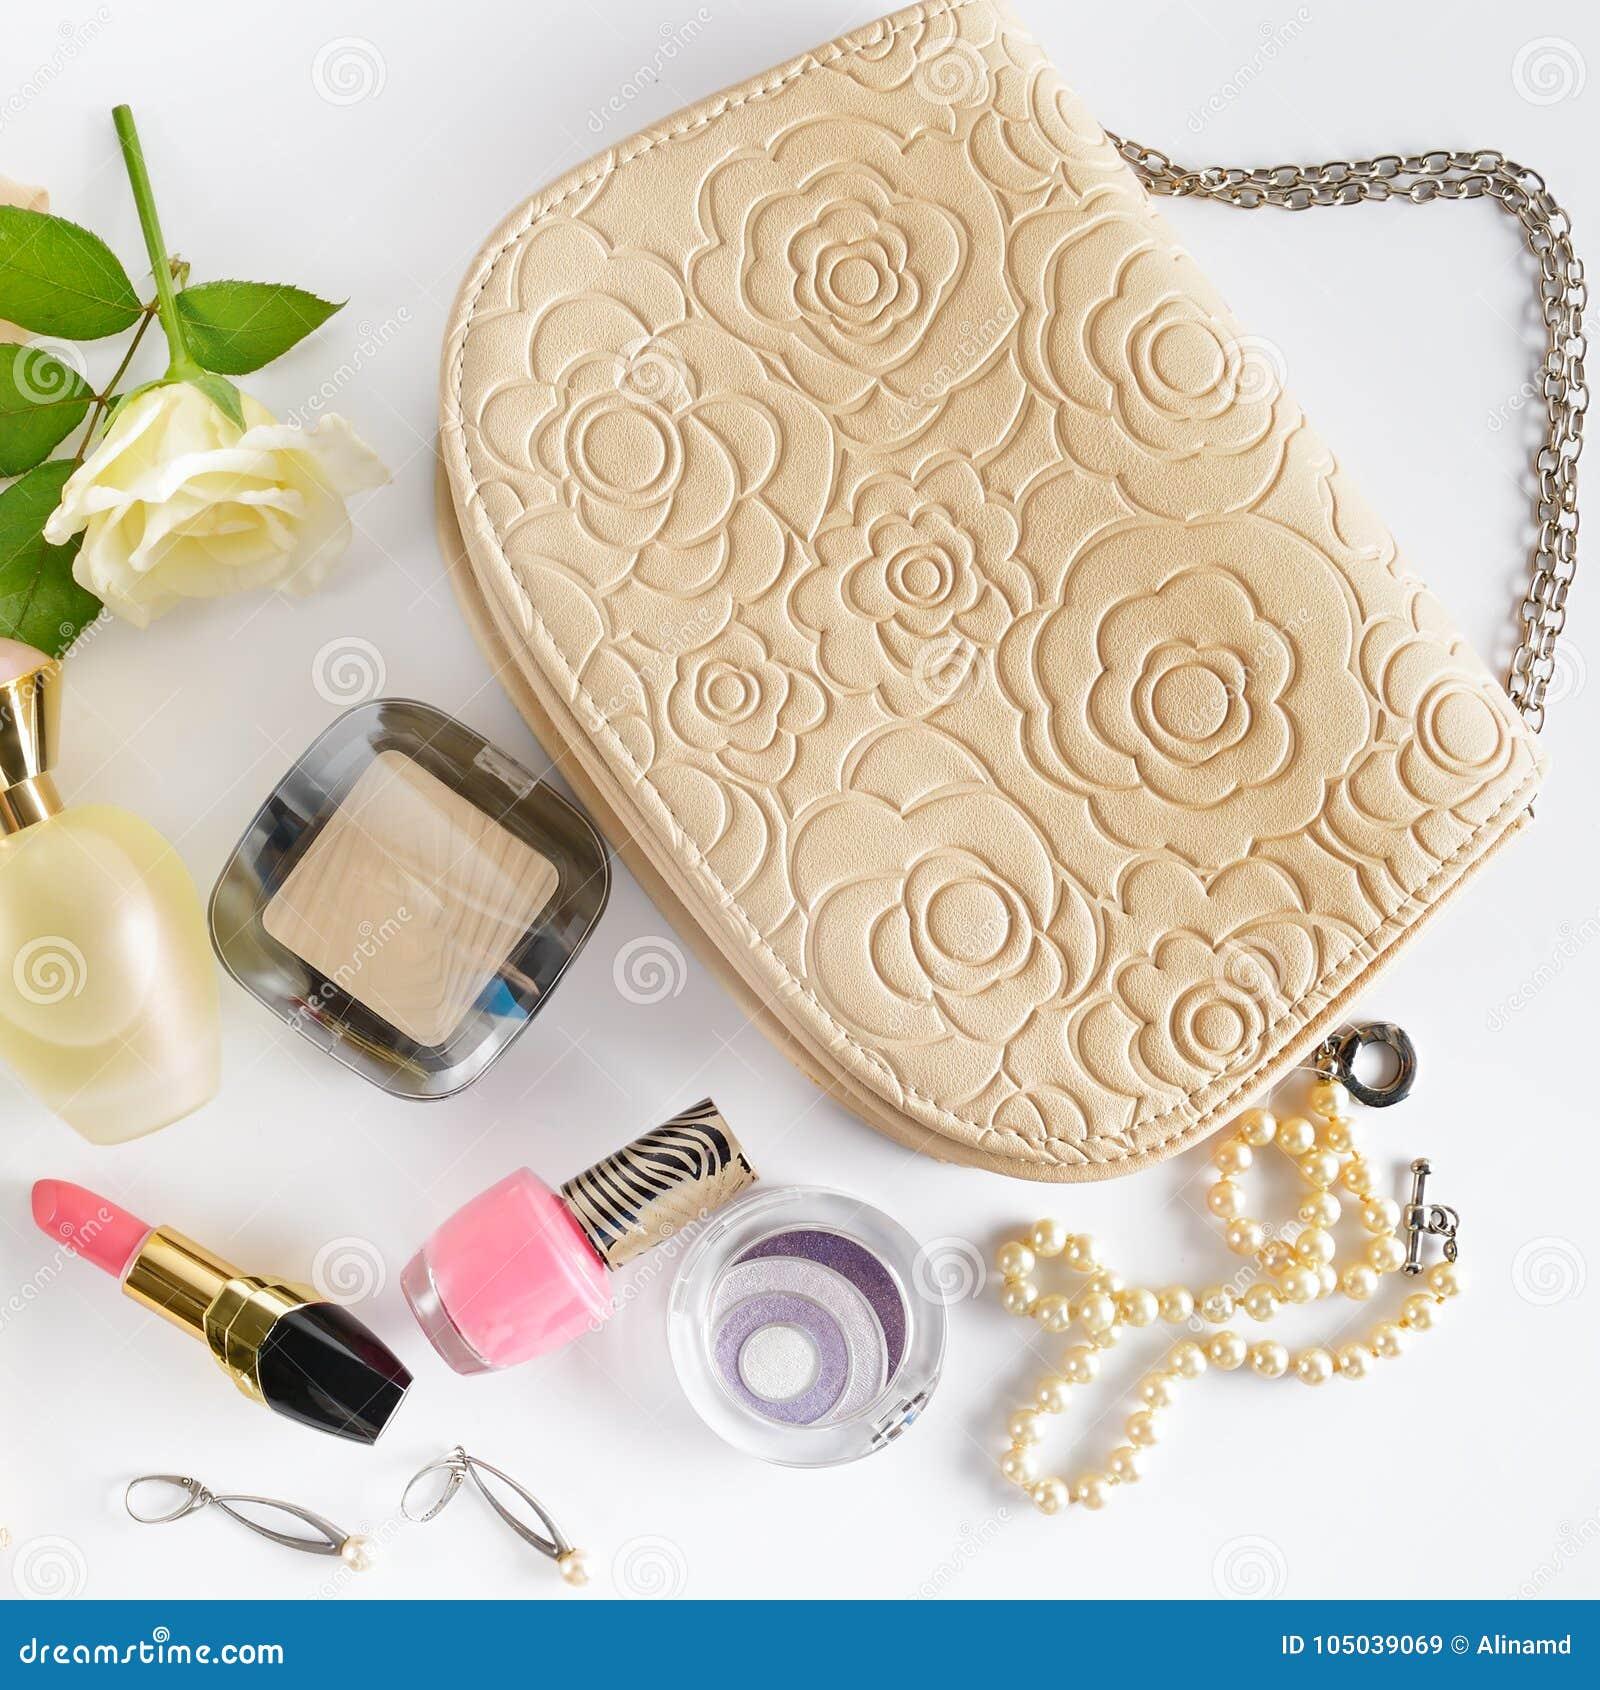 fe8c4d6fd49 Καλλυντικά, αρώματα, κόσμημα φιαγμένα από μαργαριτάρια και τσάντα ...